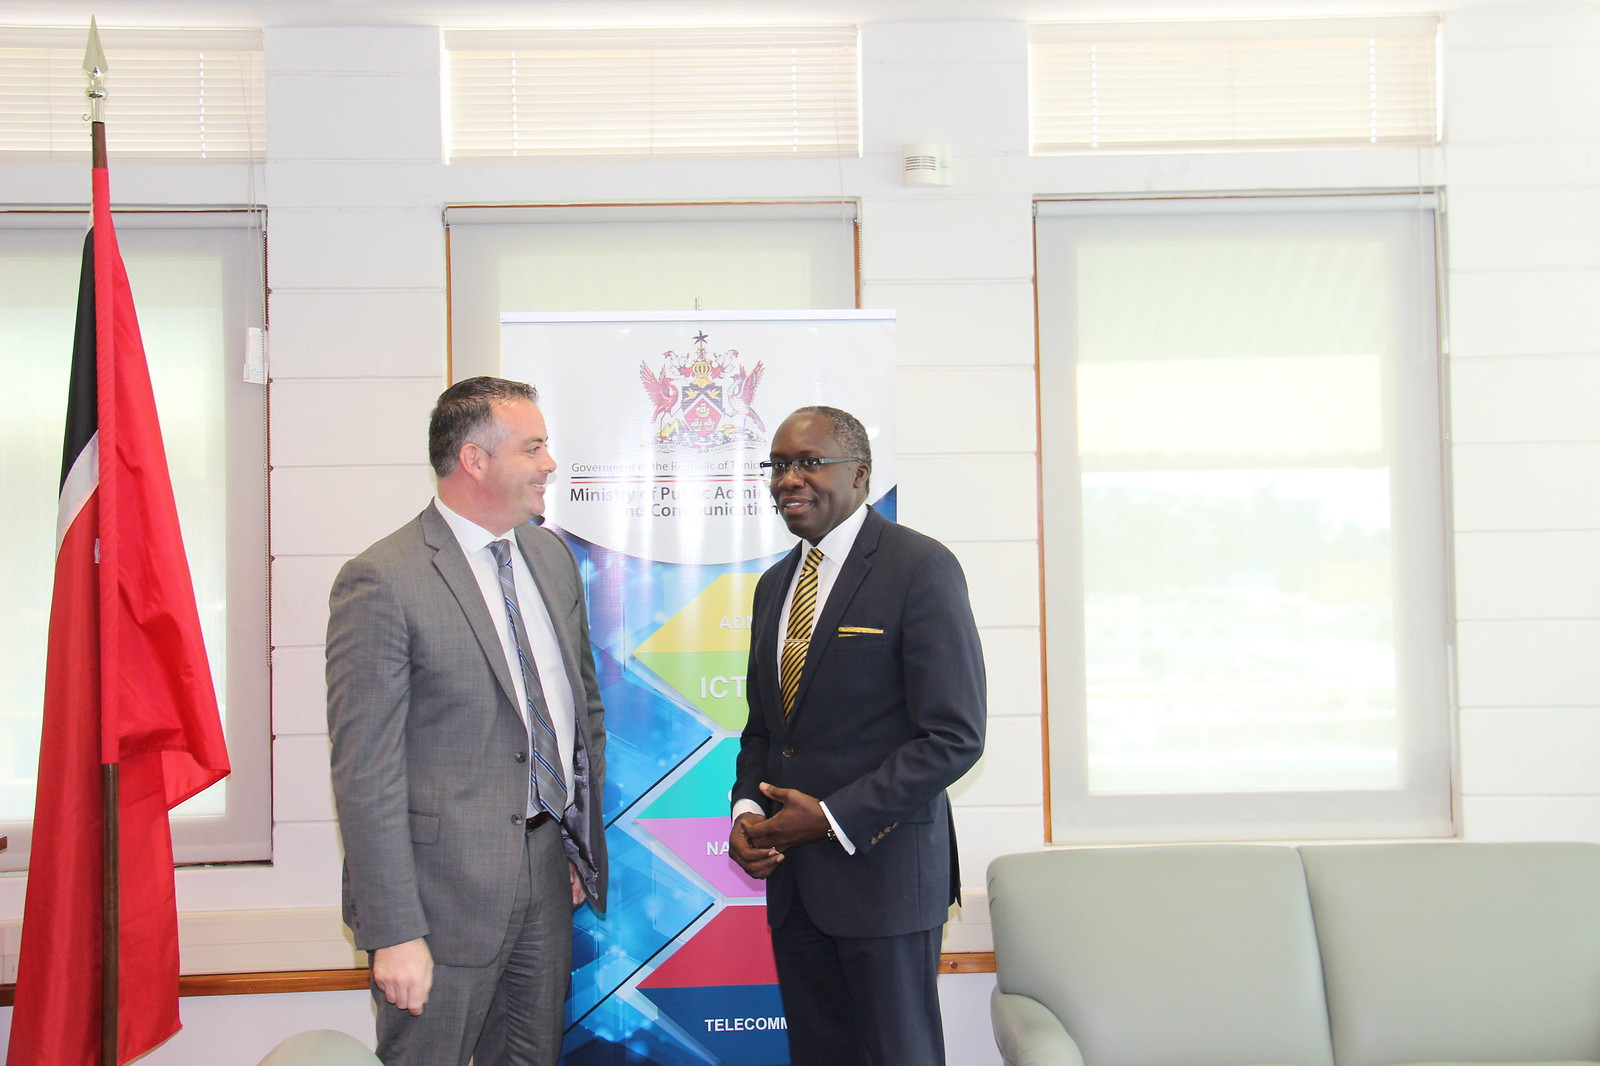 Meeting with Digicel Trinidad and Tobago CEO John Delves